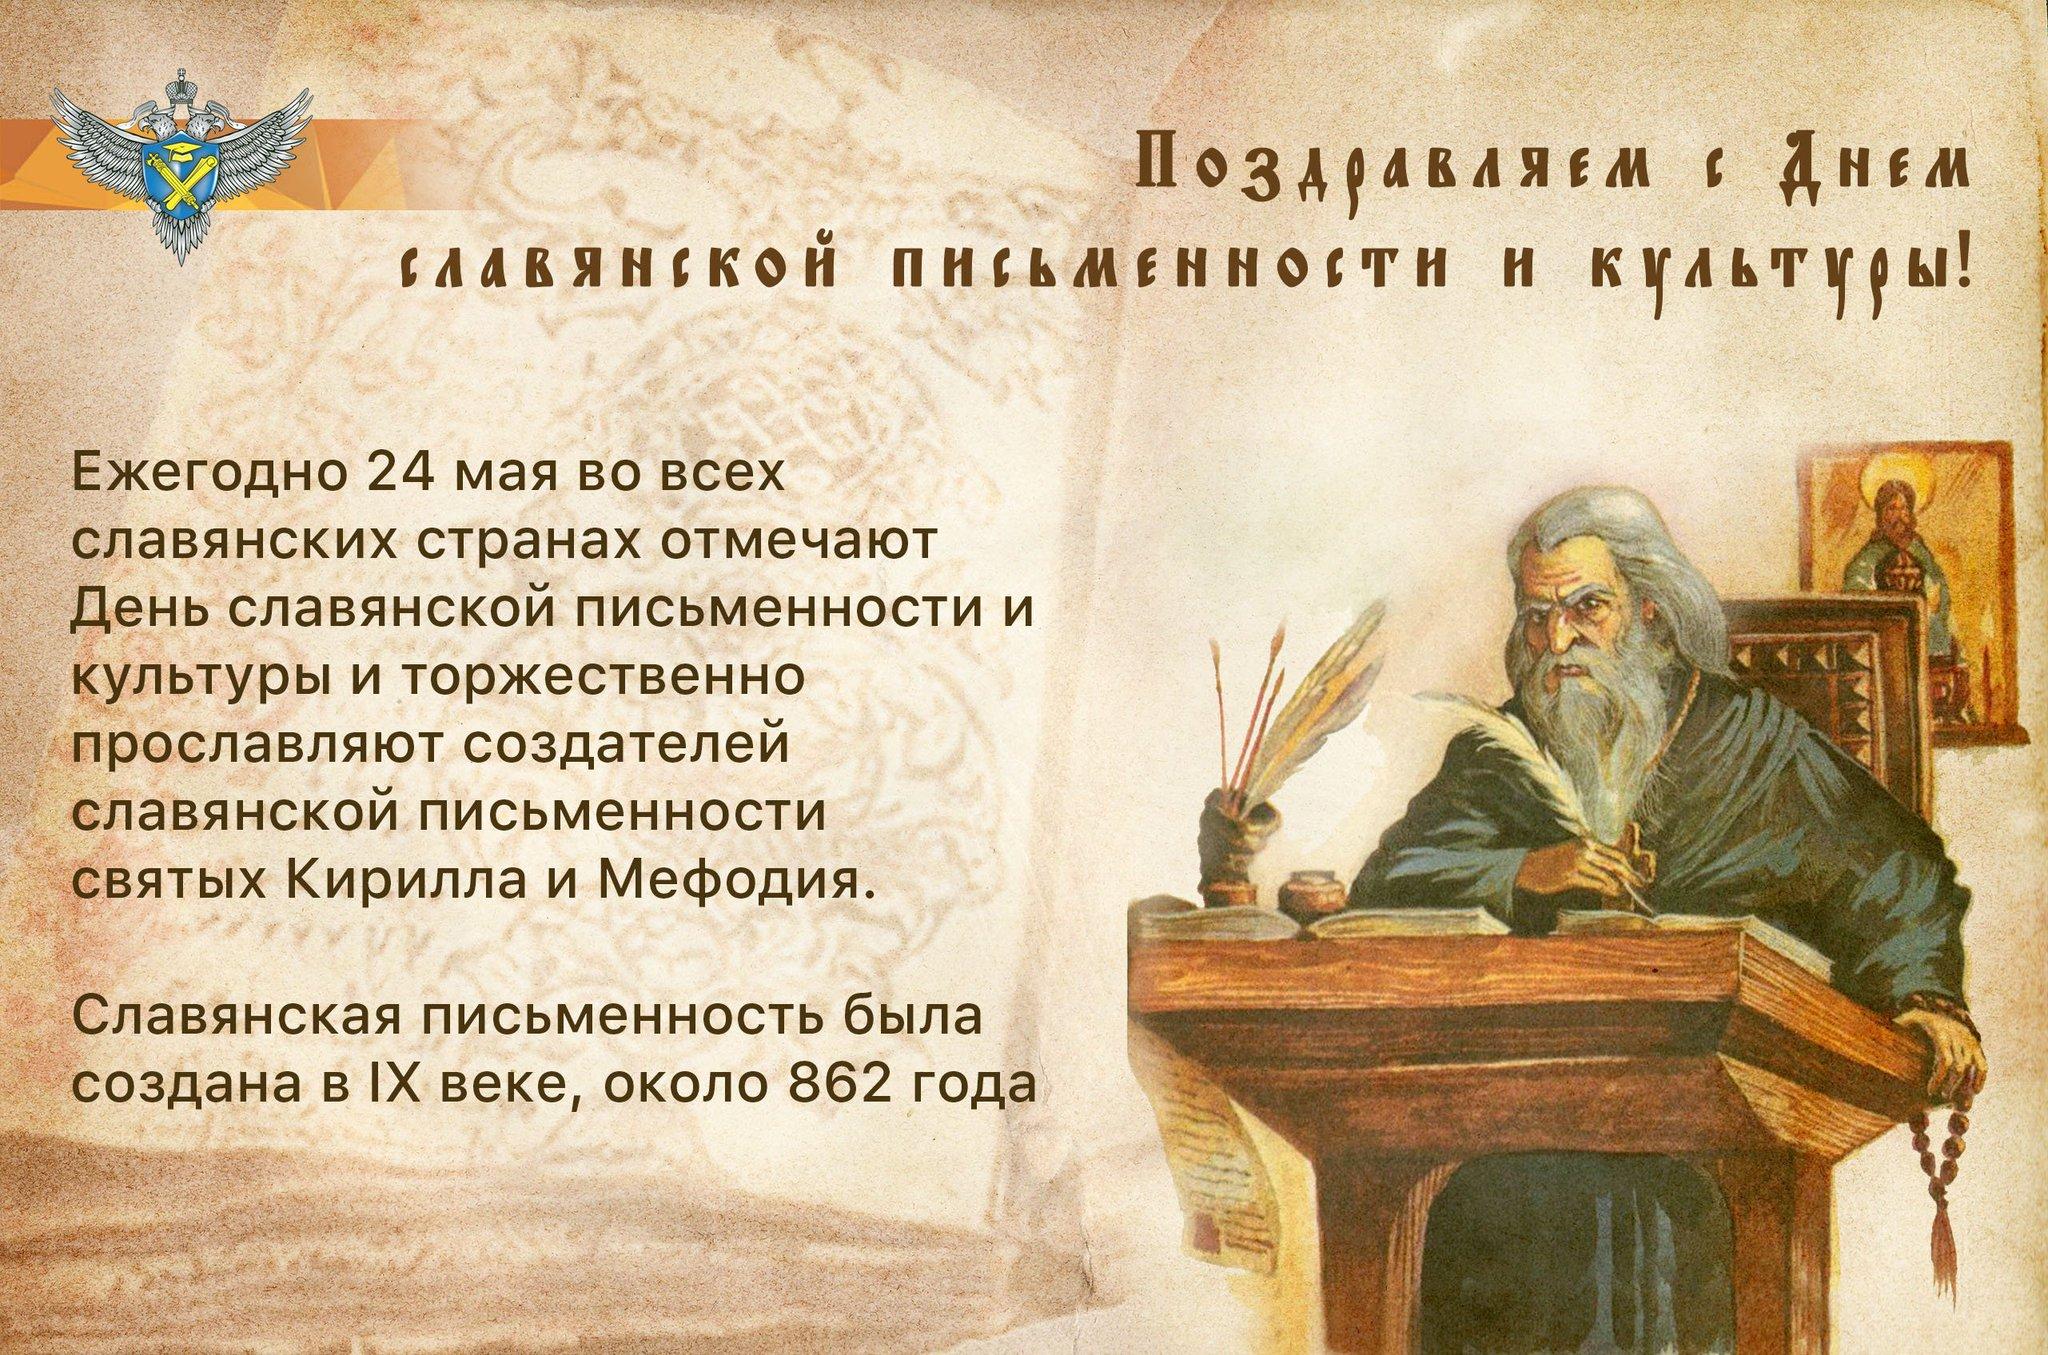 День славянской письменности и культуры картинки для презентации